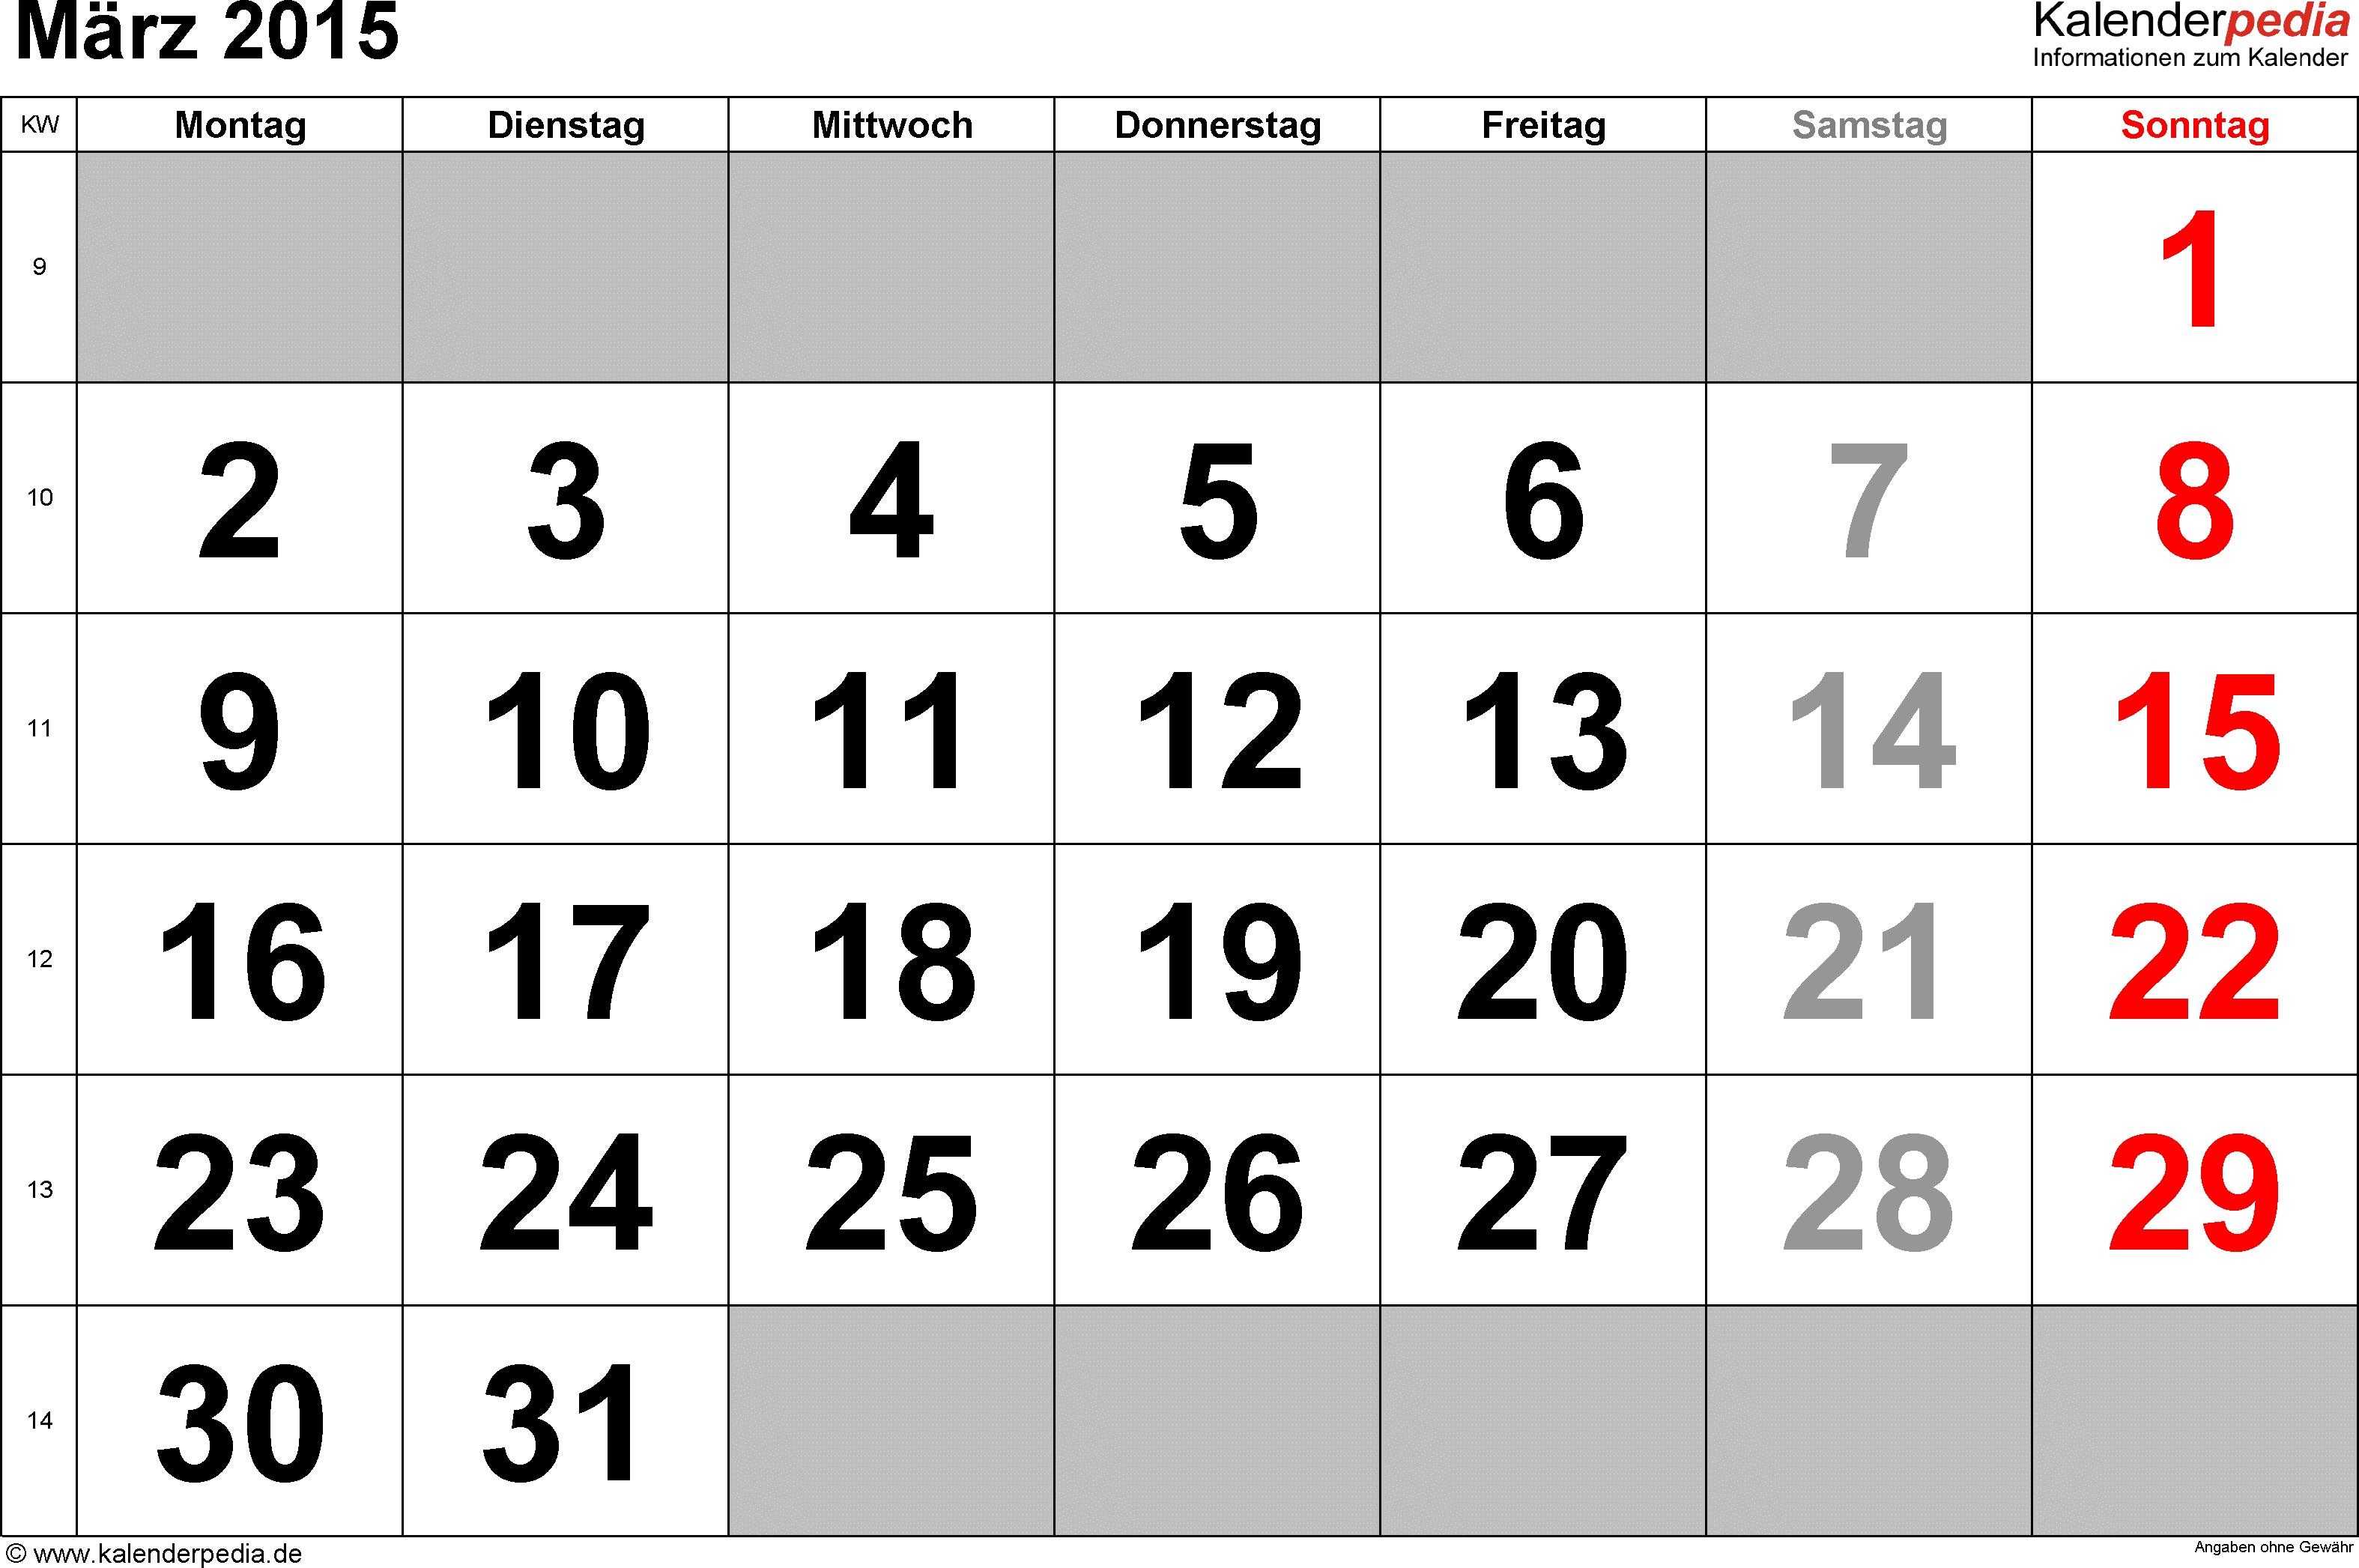 Kalender März 2015 im Querformat, grosse Ziffern